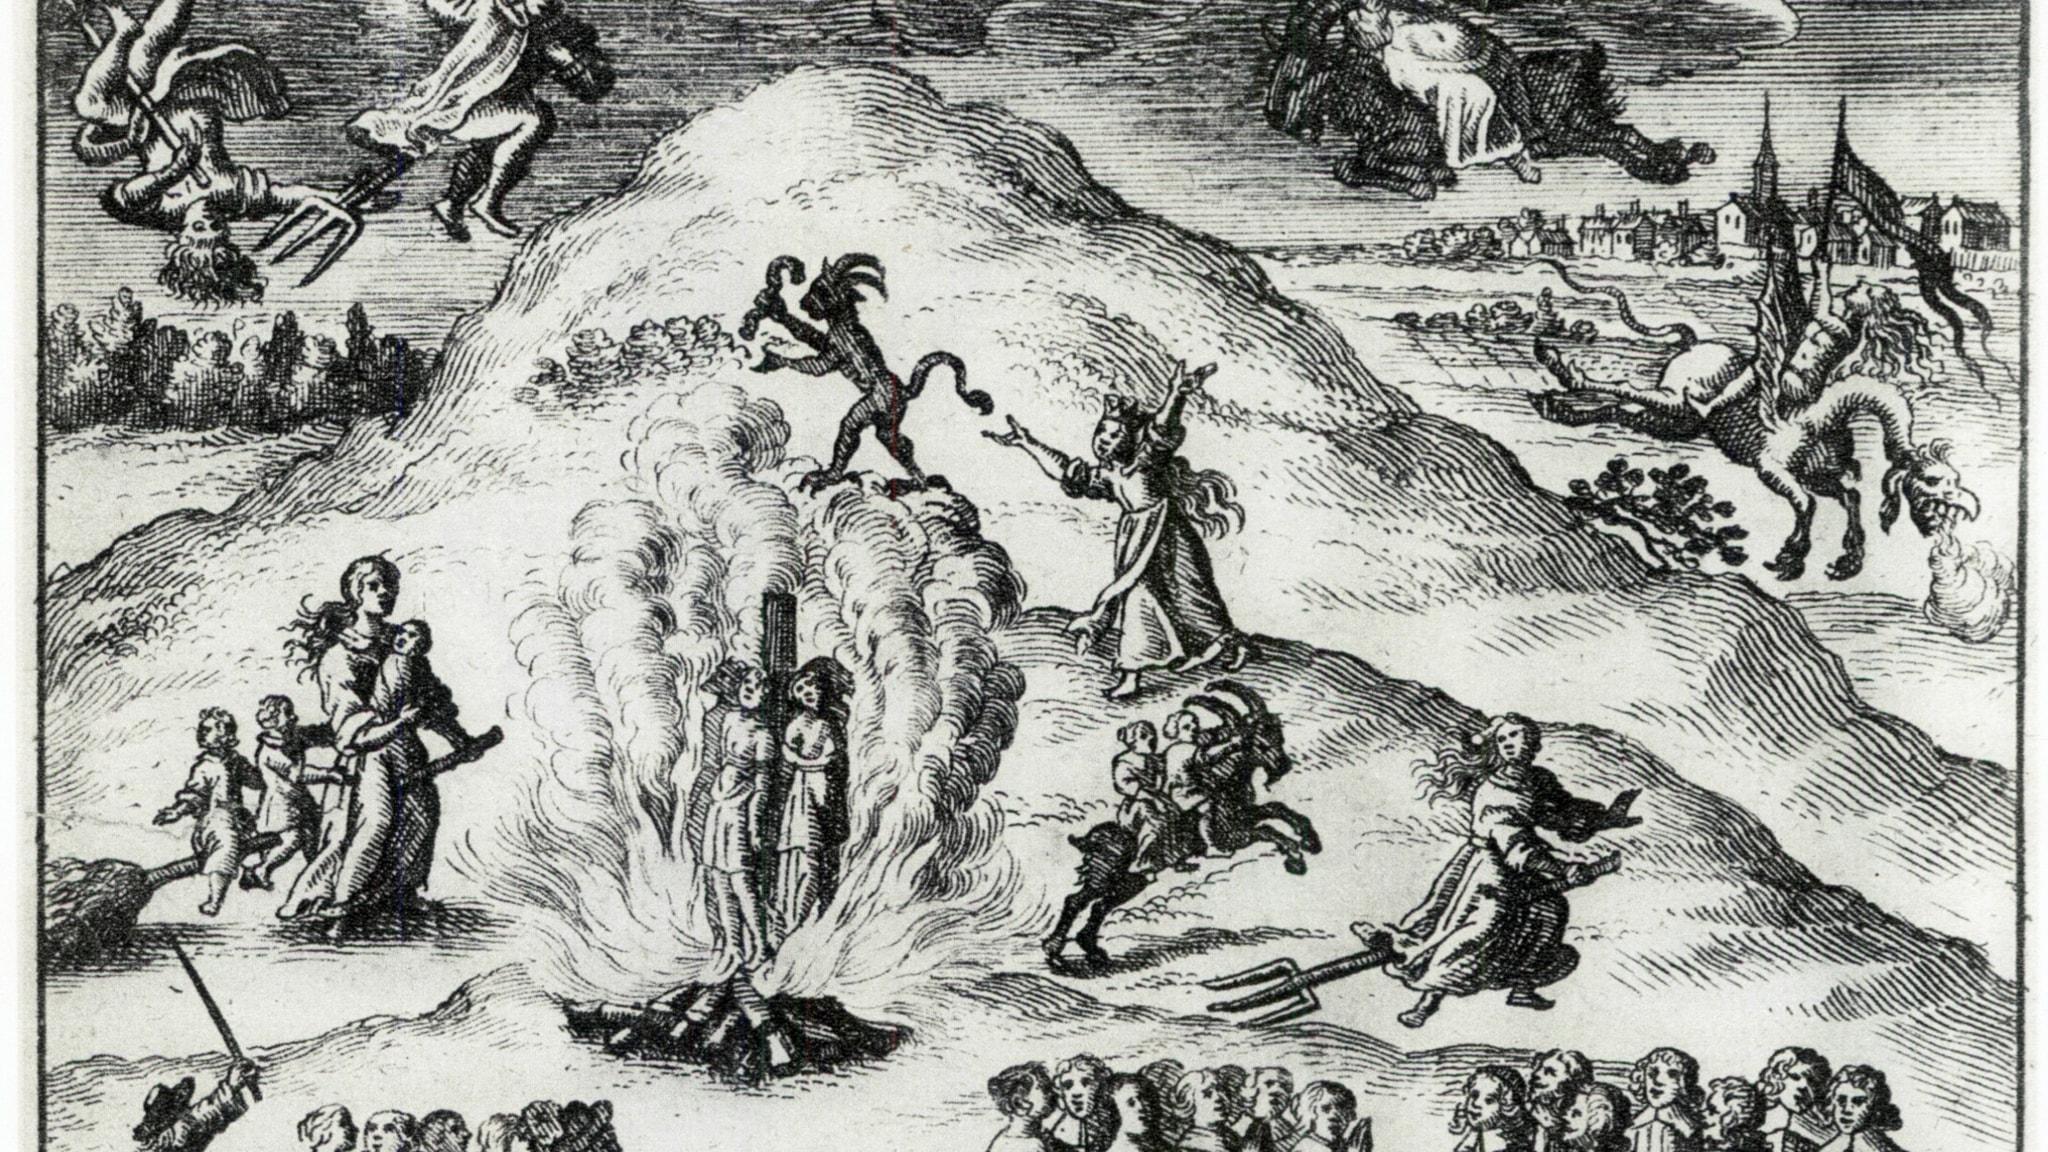 Häxprocesser avslöjar 1600-talets tankevärld